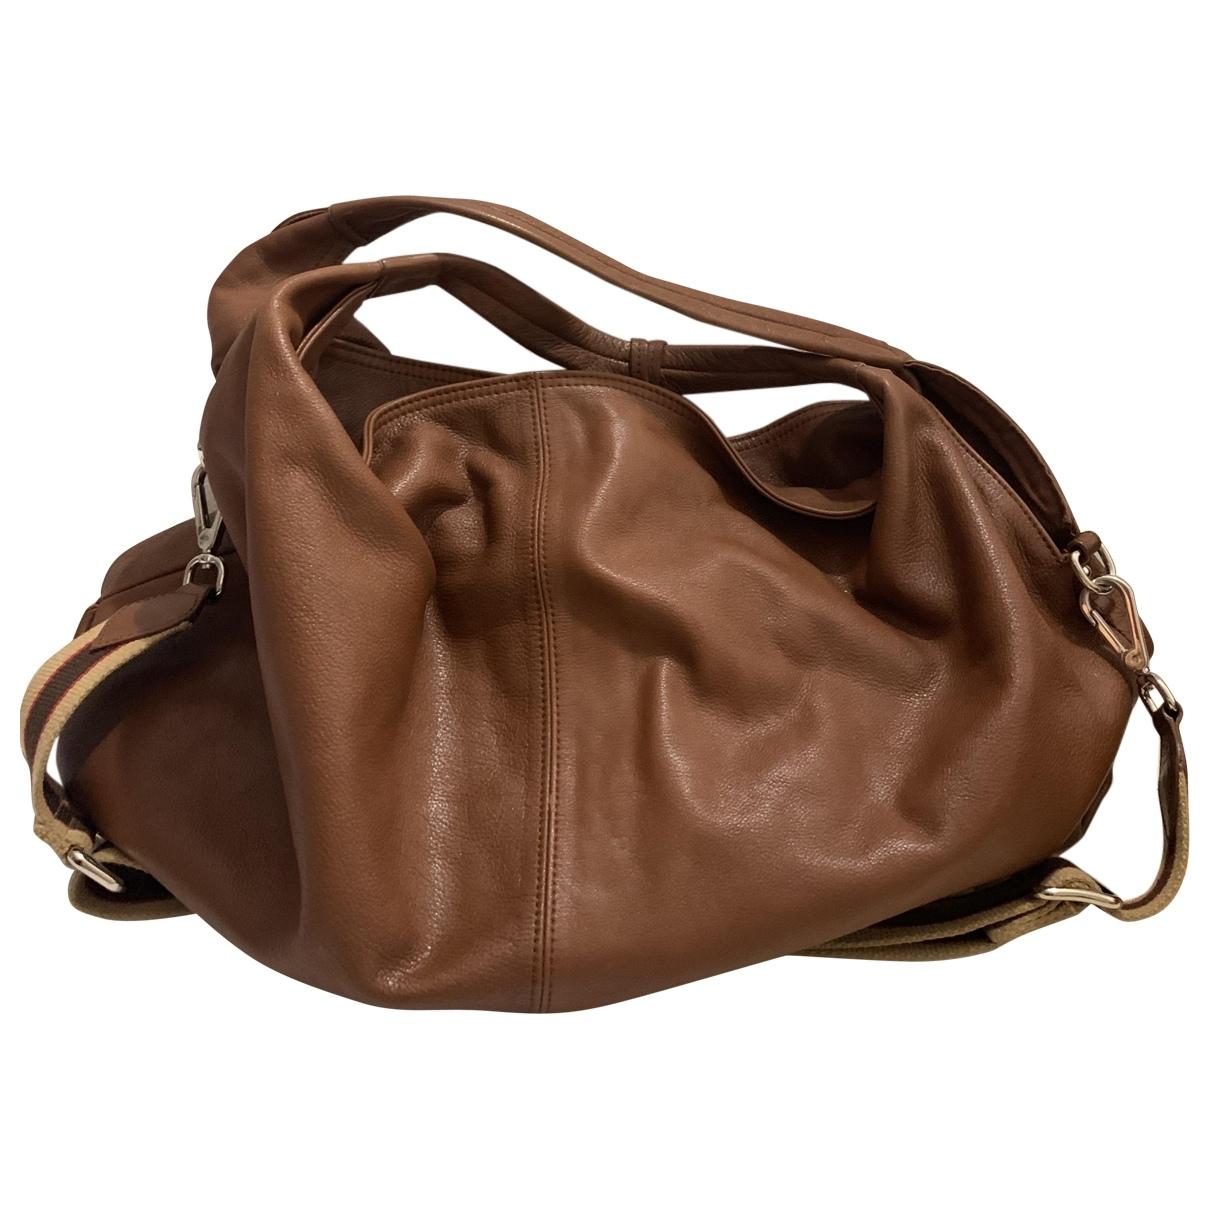 Furla \N Handtasche in  Braun Leder